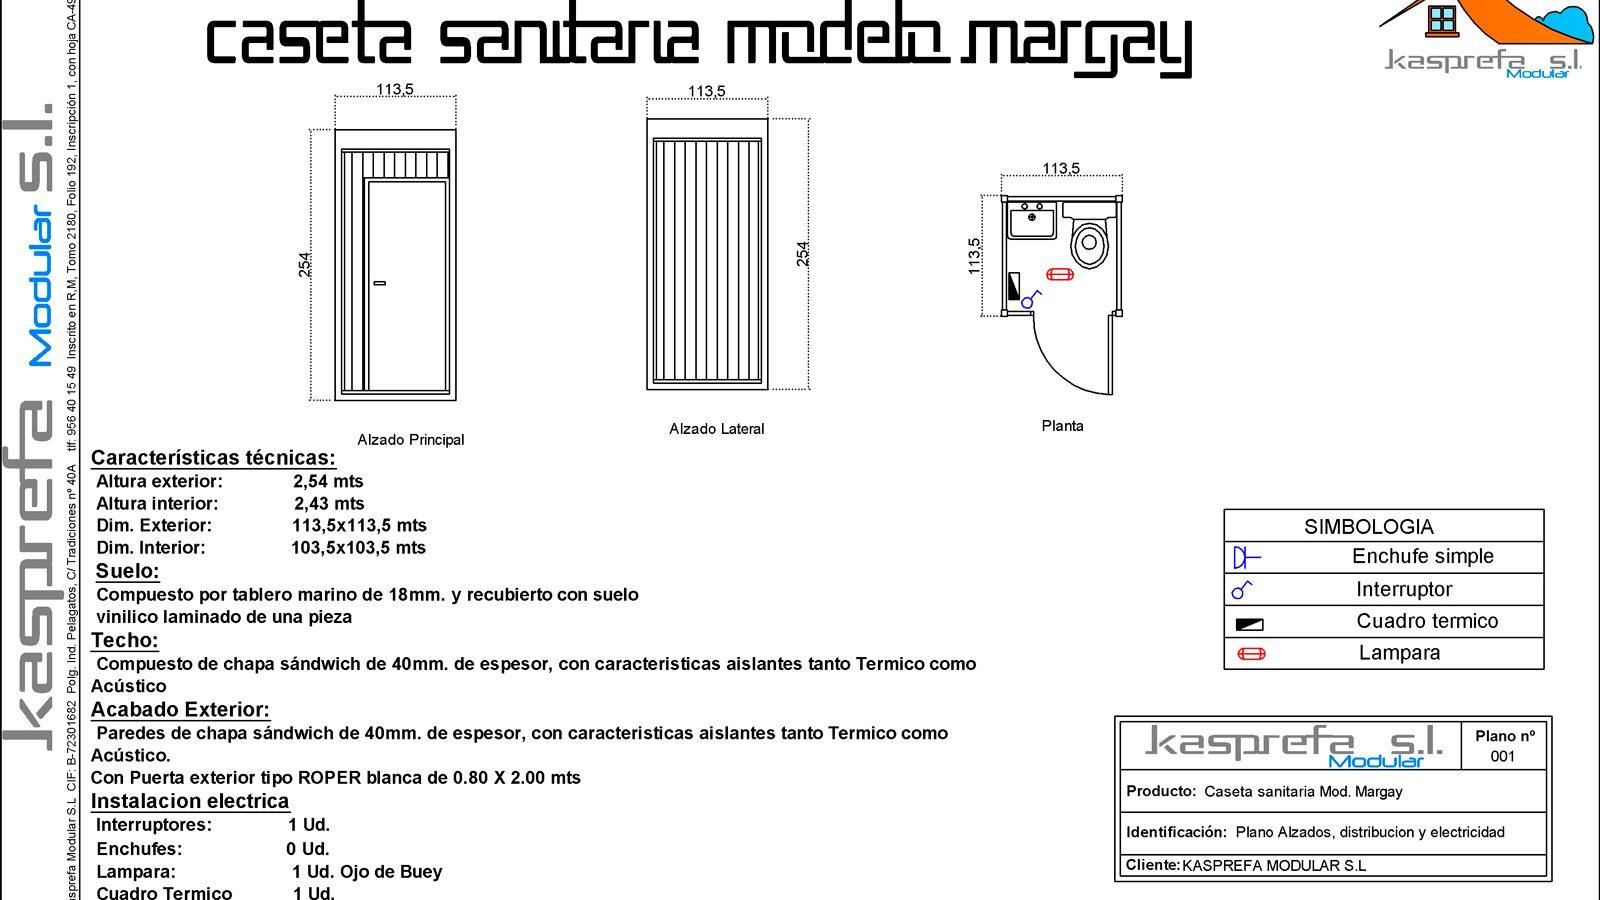 001-planos-distribucion-electricidad-planta-margay-kasprefa